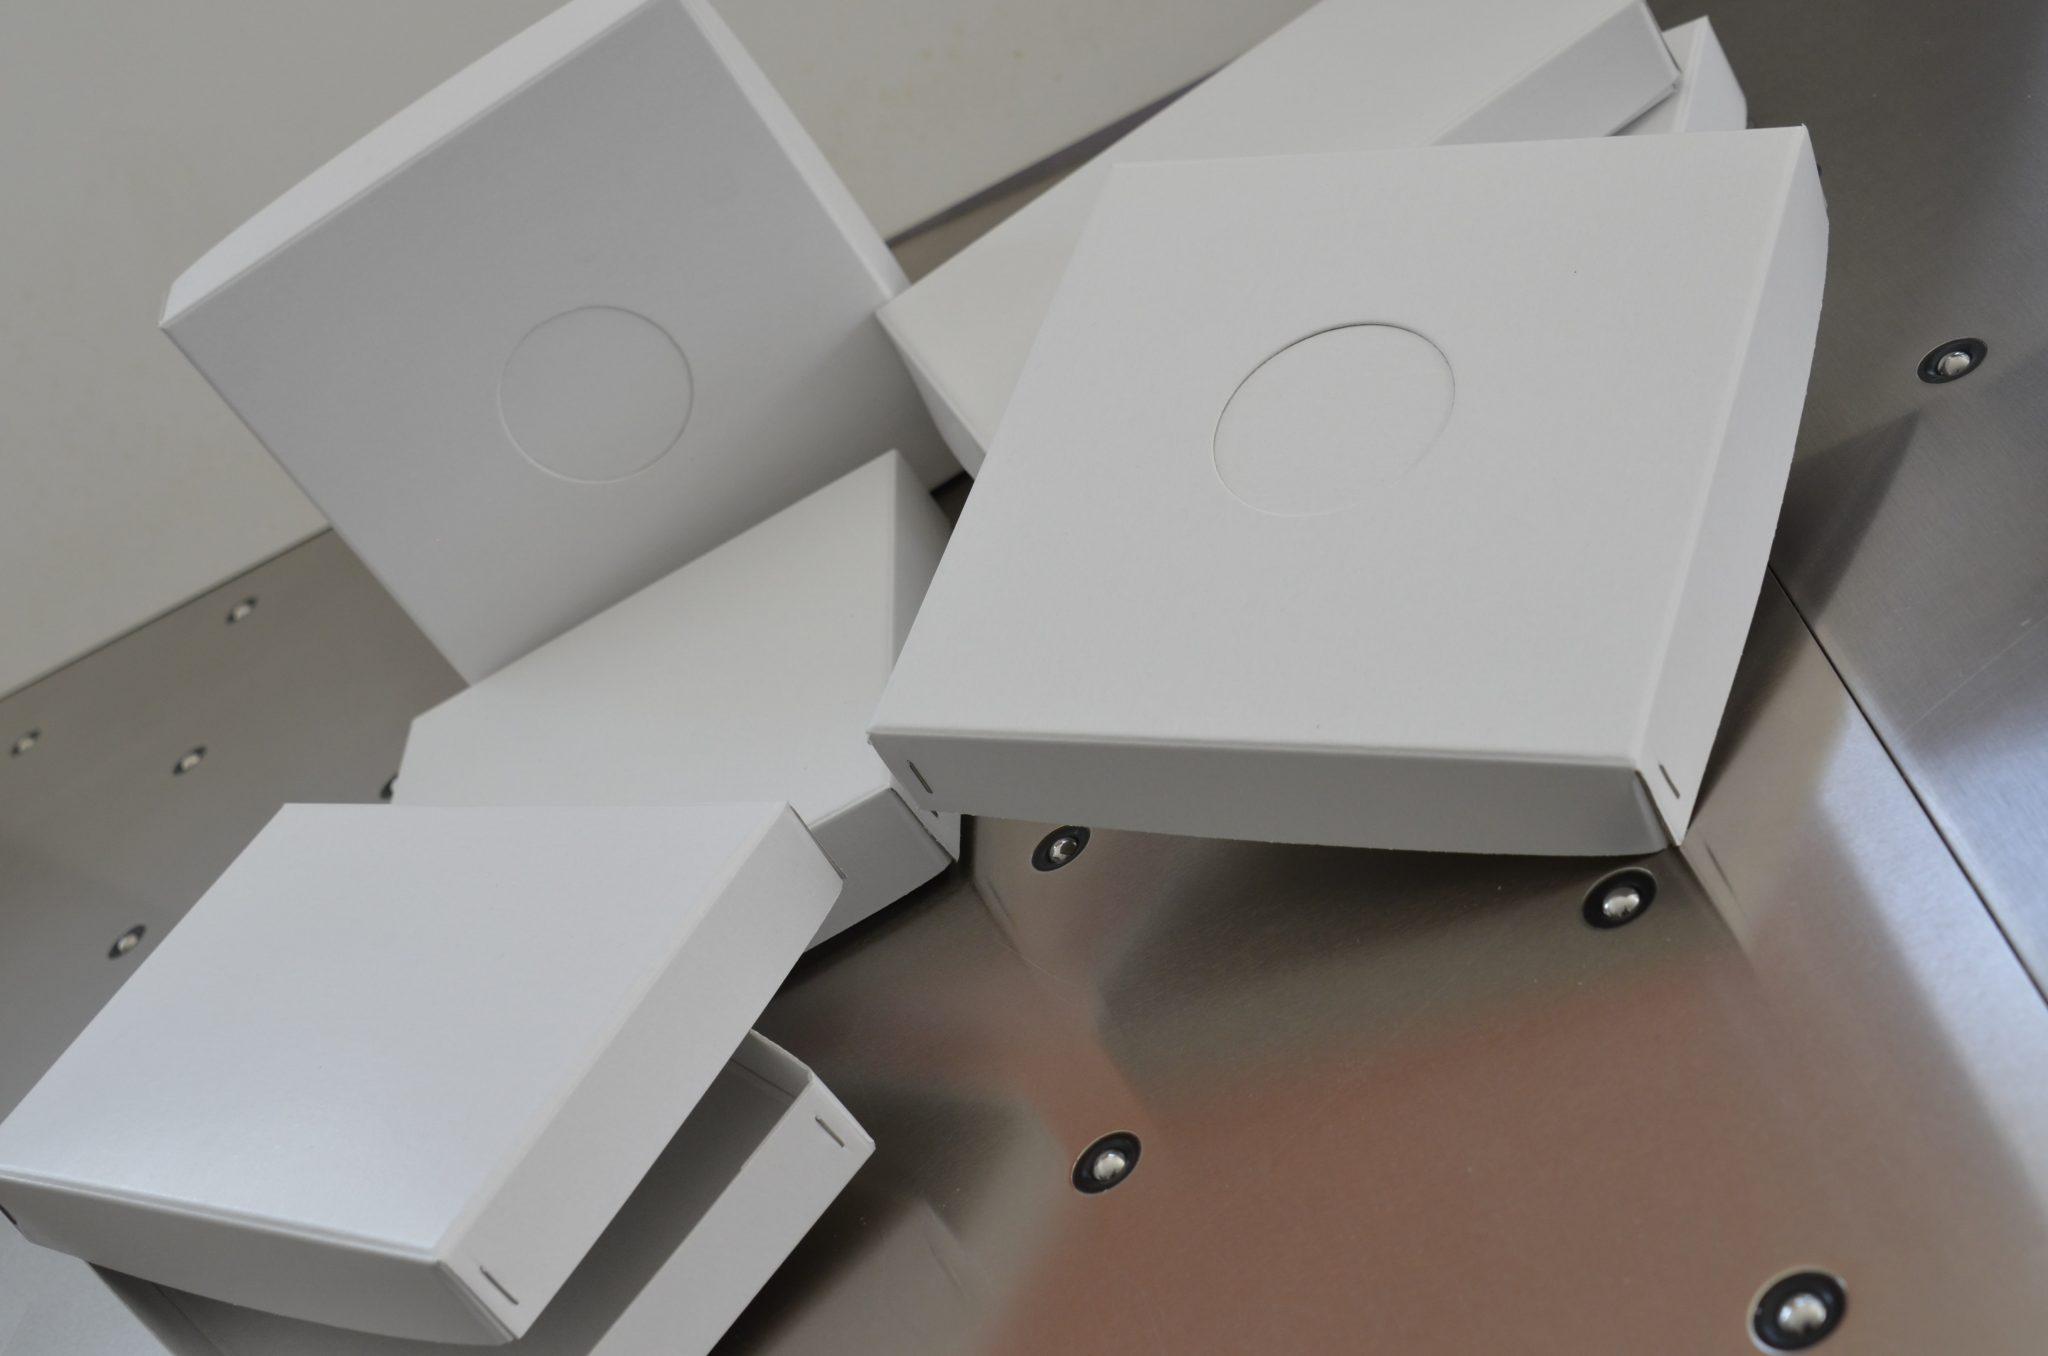 Kartonschachtel-Endprodukt